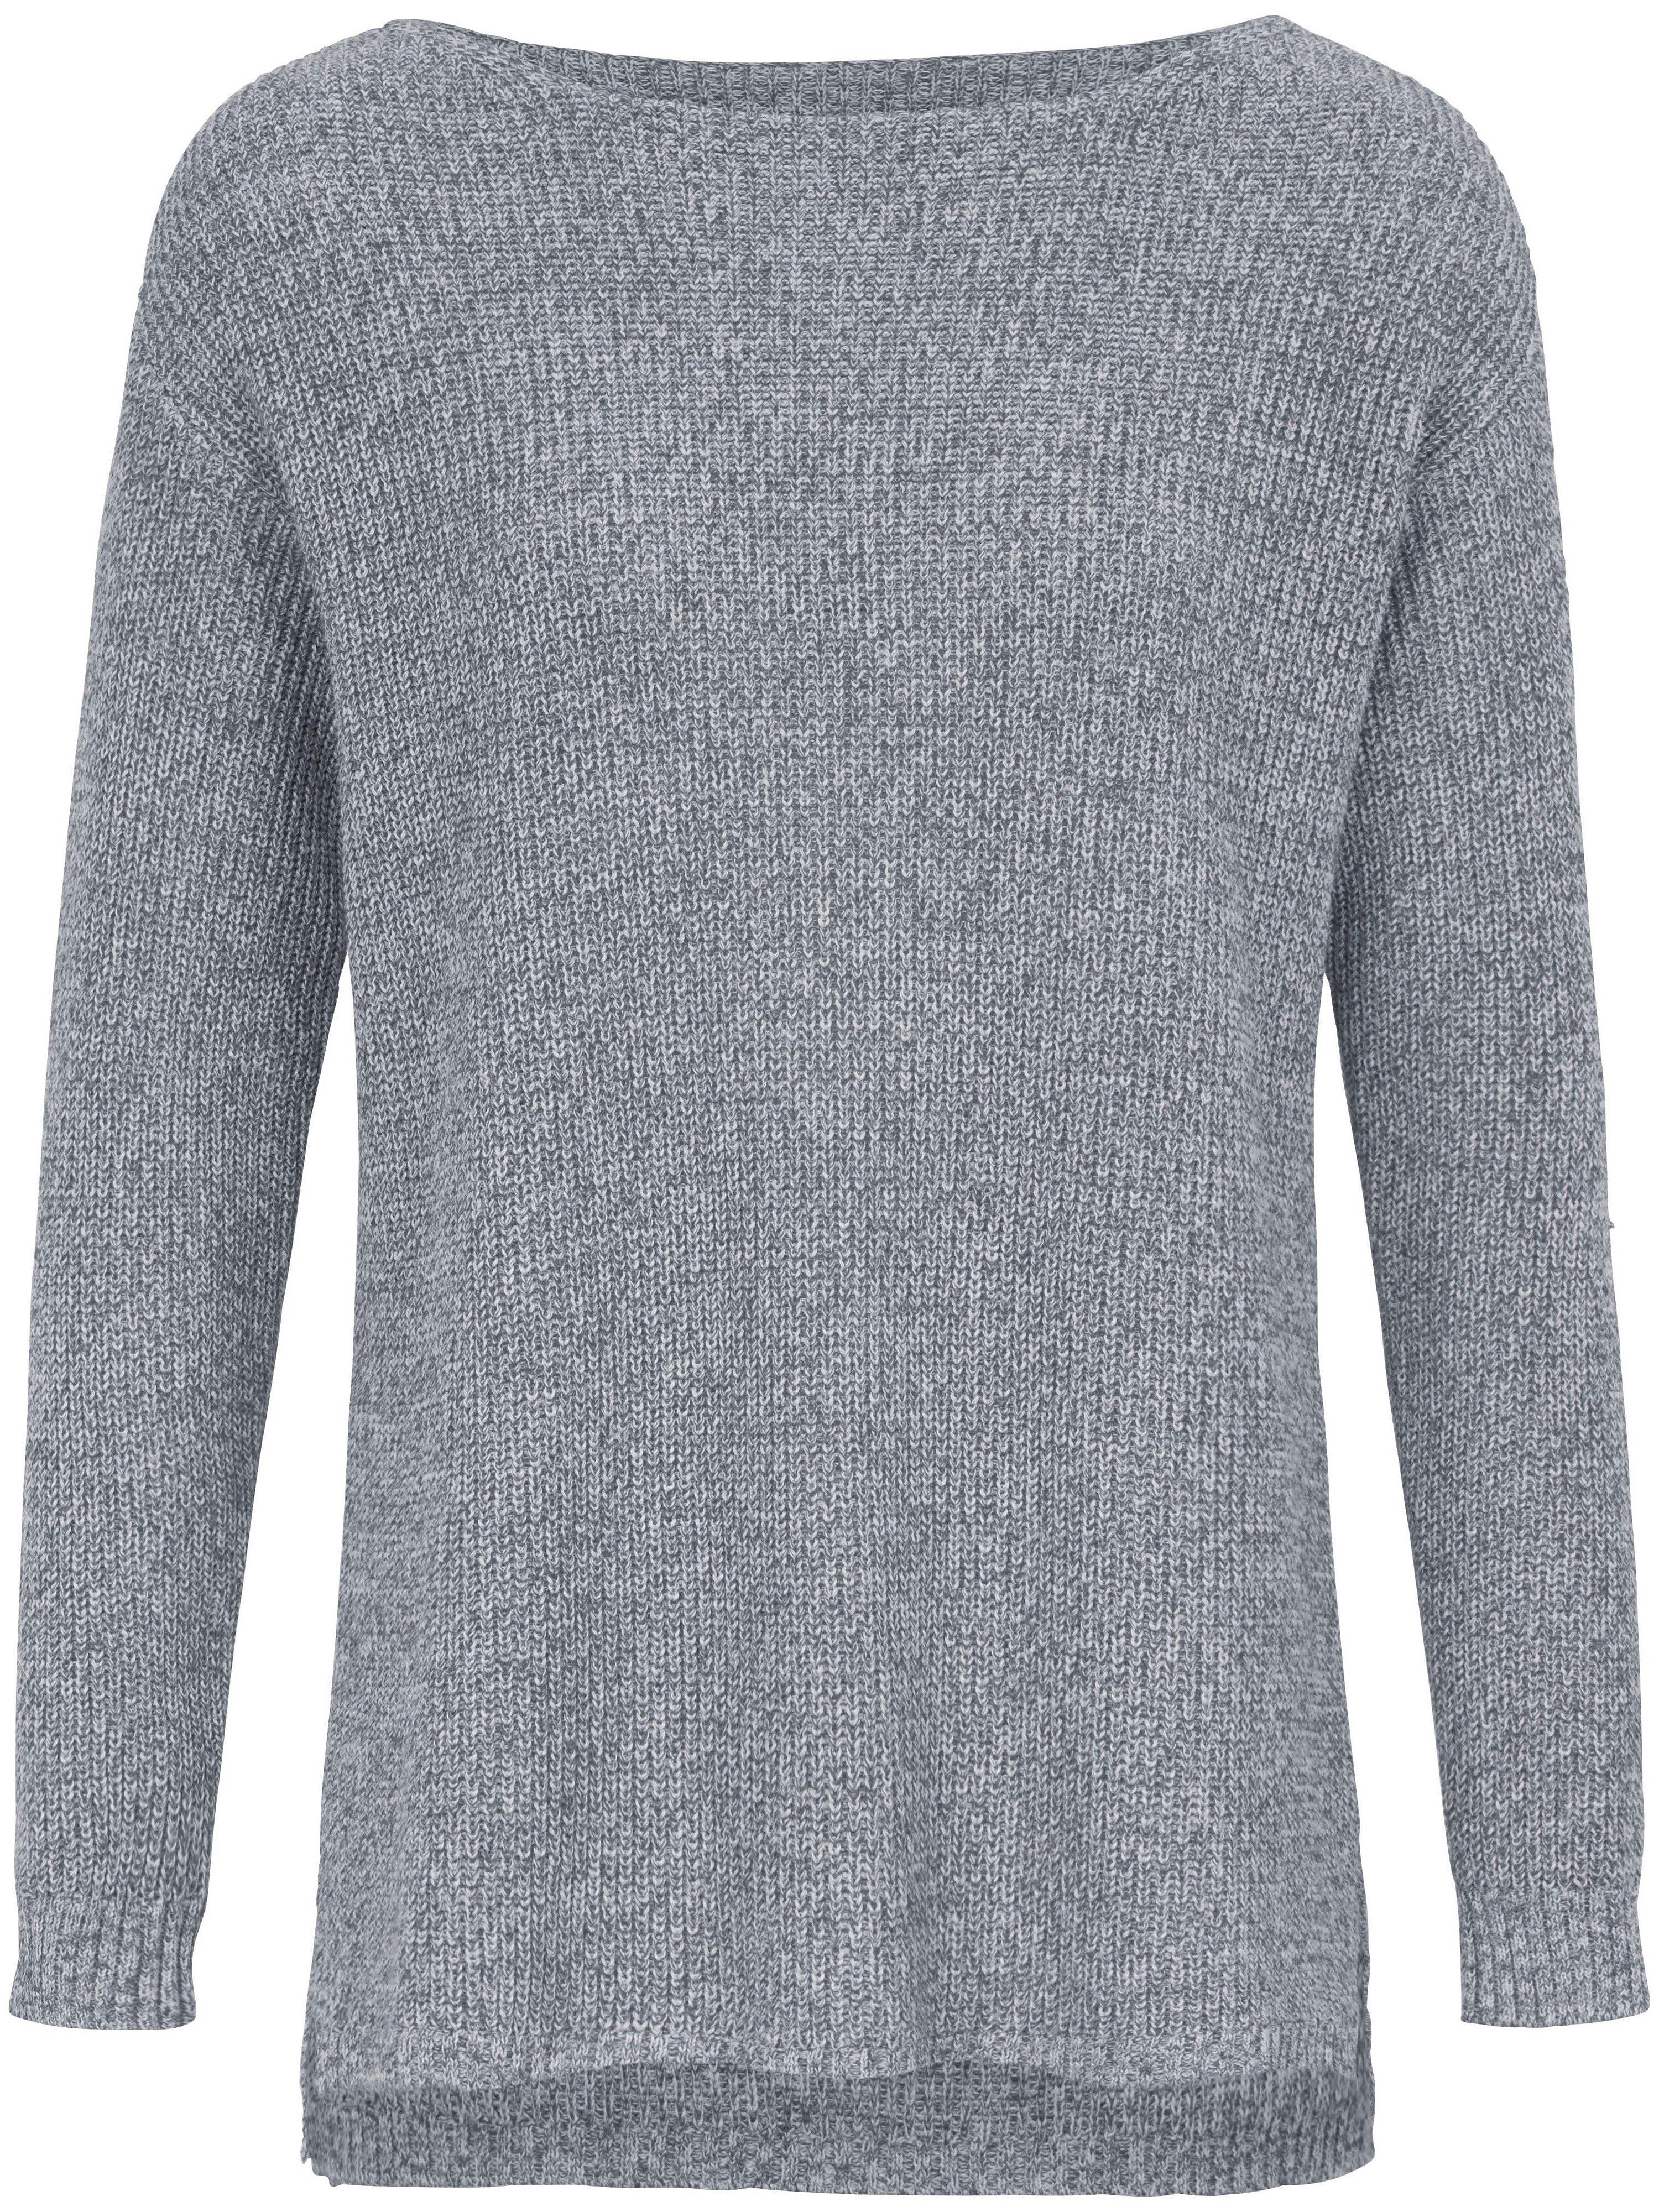 Round neck jumper in 100% SUPIMA® cotton Peter Hahn blue